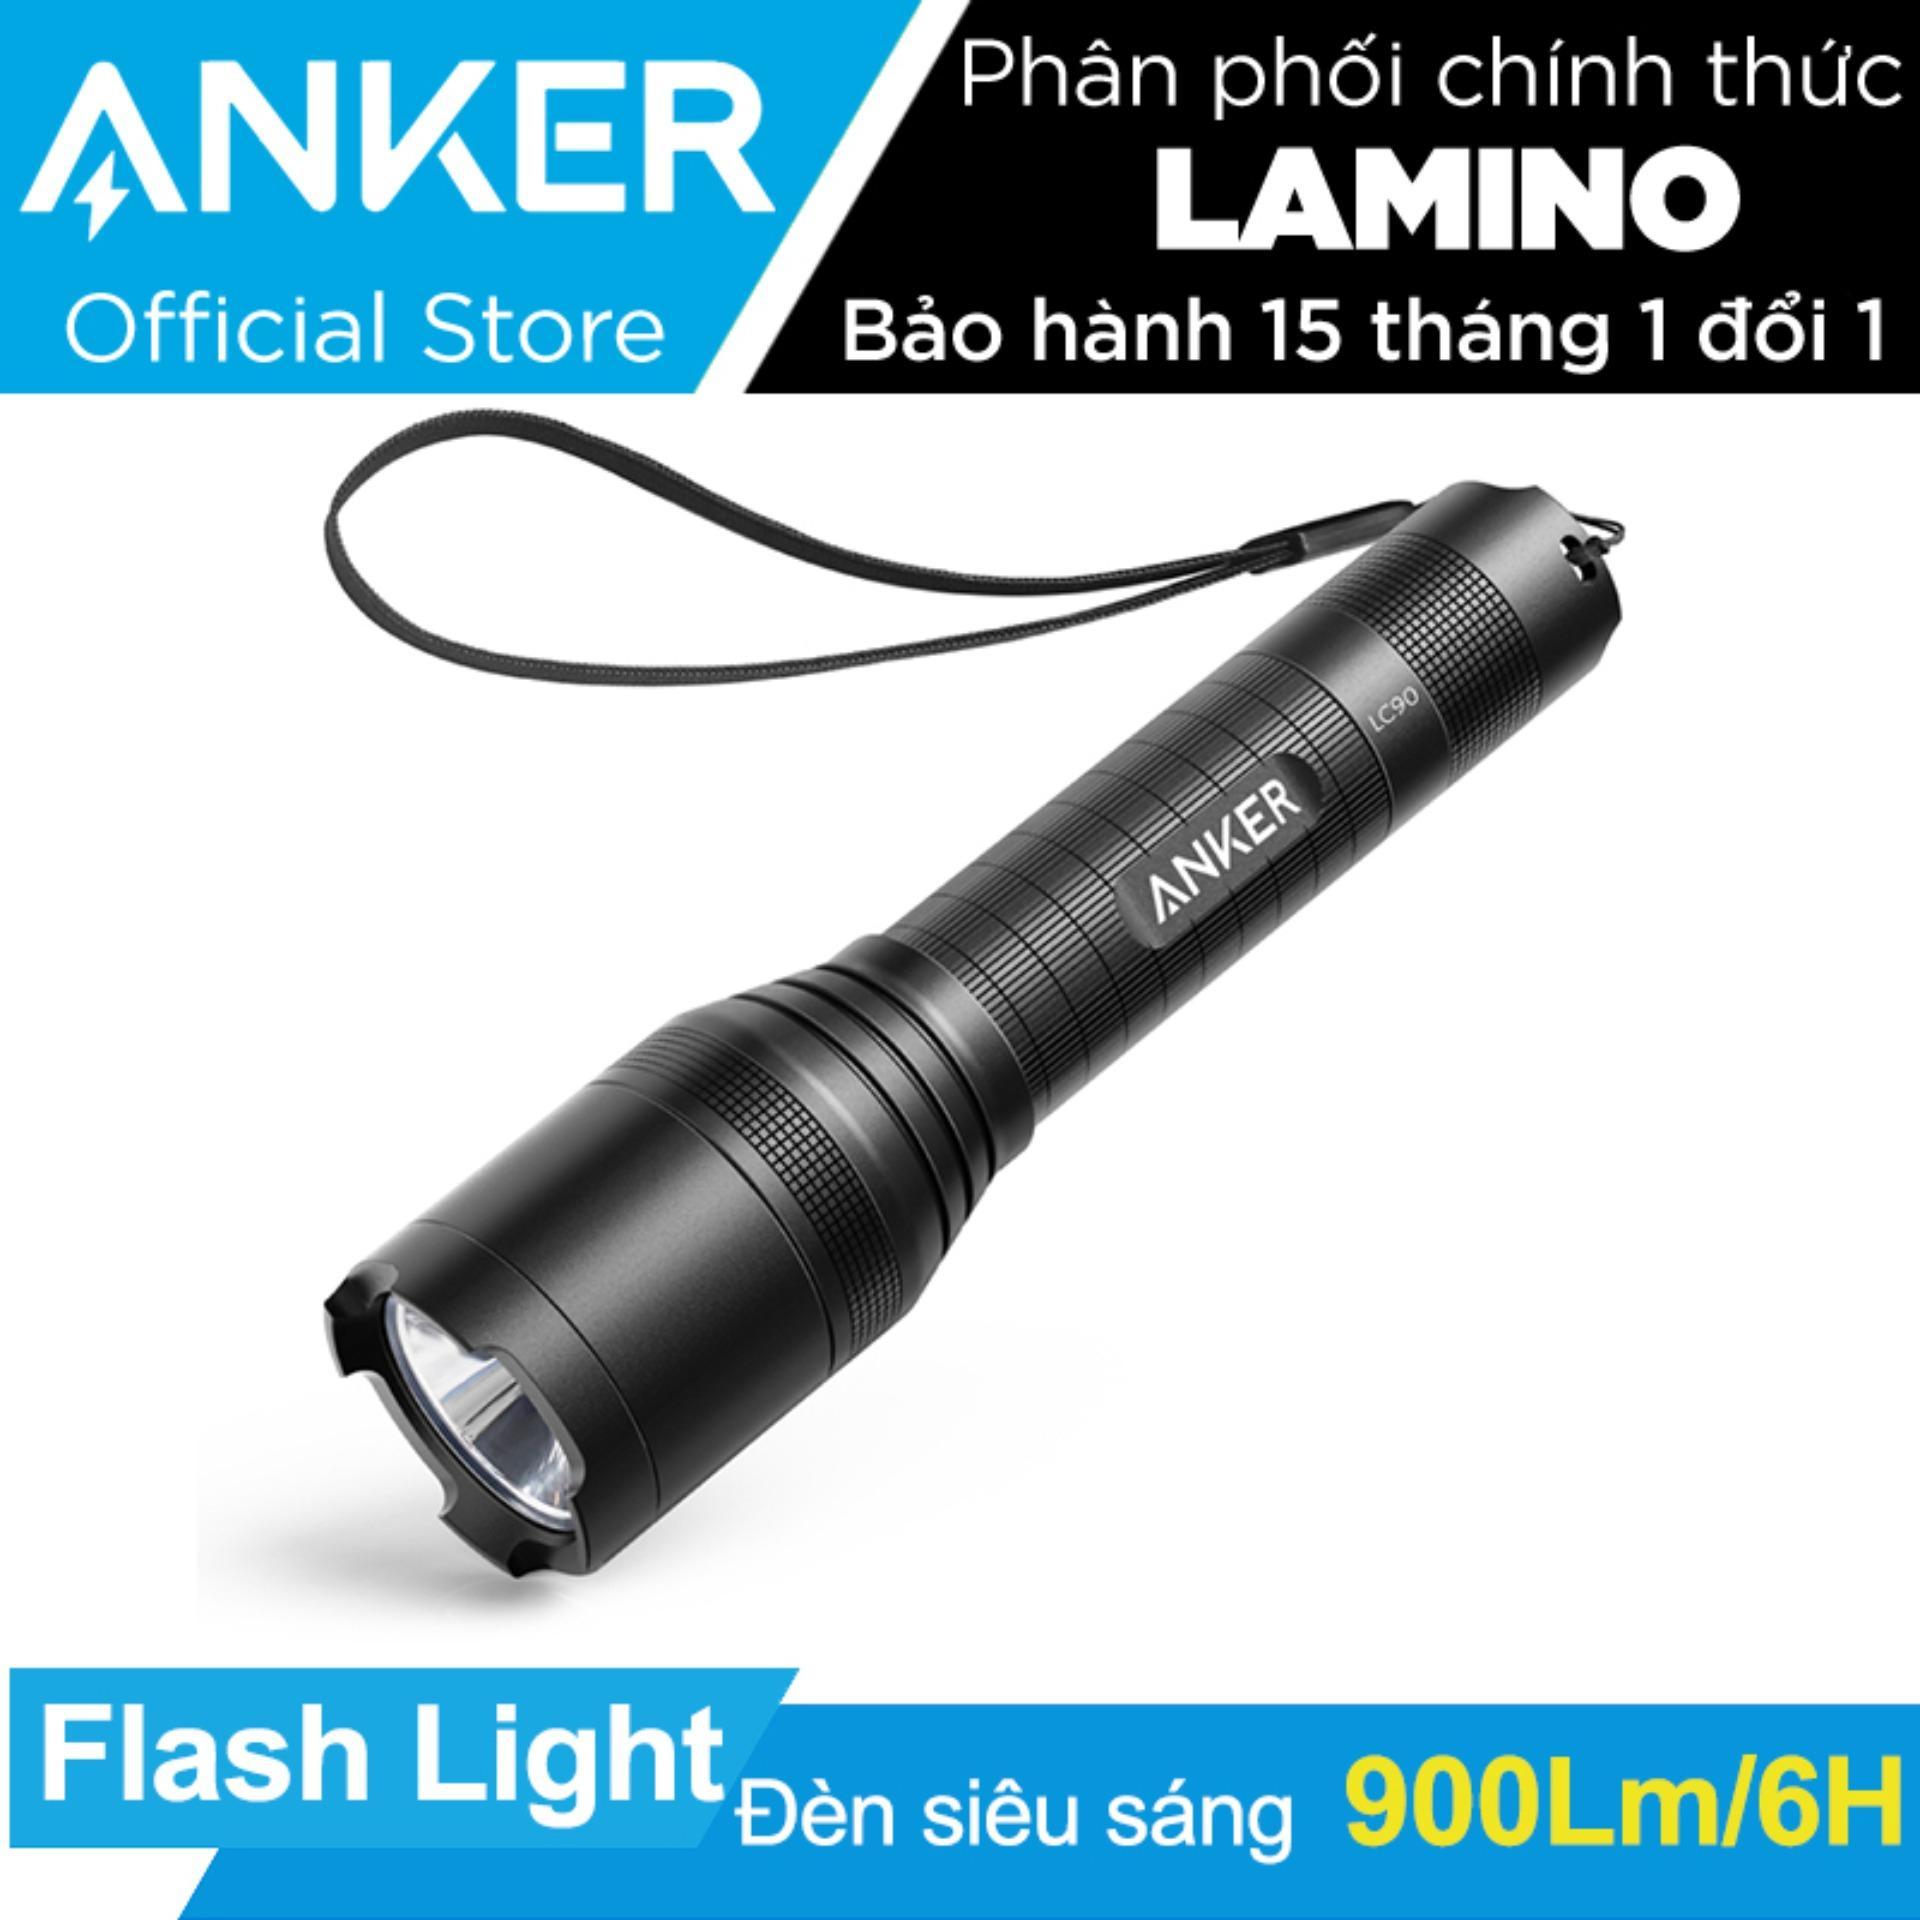 Giá Bán Đen Pin Sieu Sang Anker Lc90 Flashlight Đen Hang Phan Phối Chinh Thức